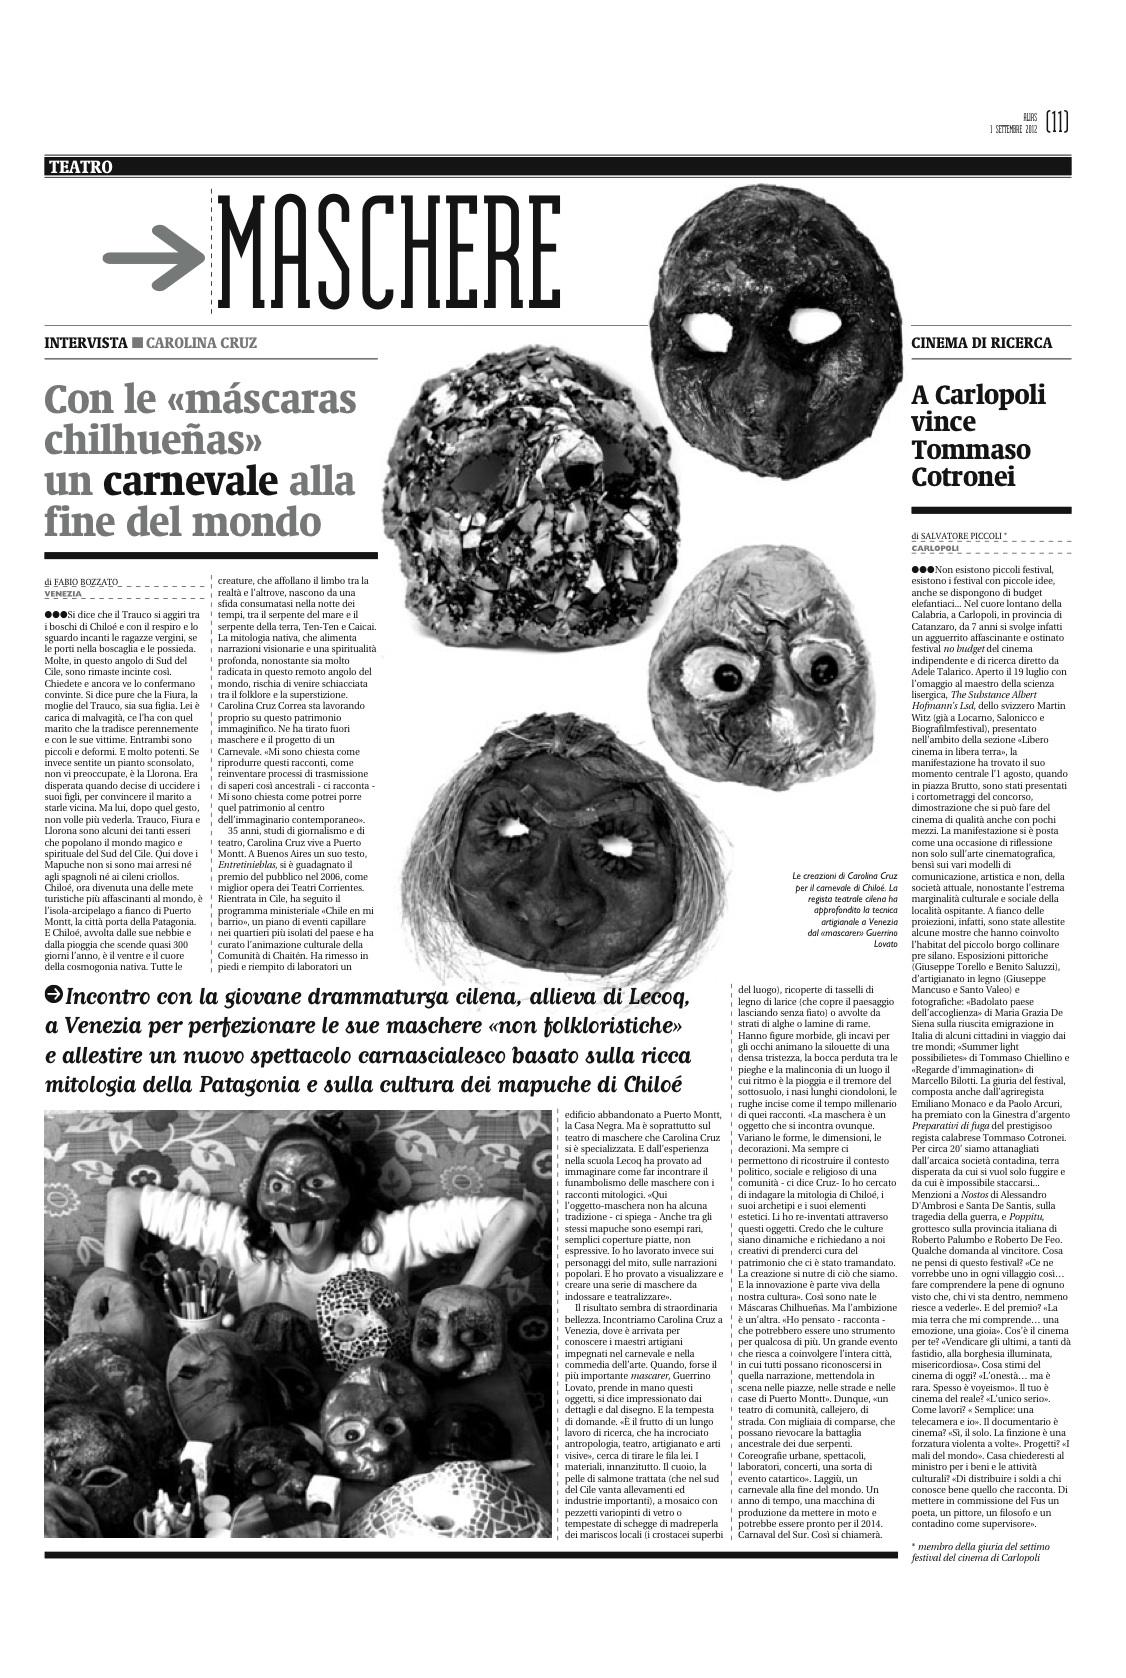 Con le máscaras chilhueñas un carnevale alla fine del mondo